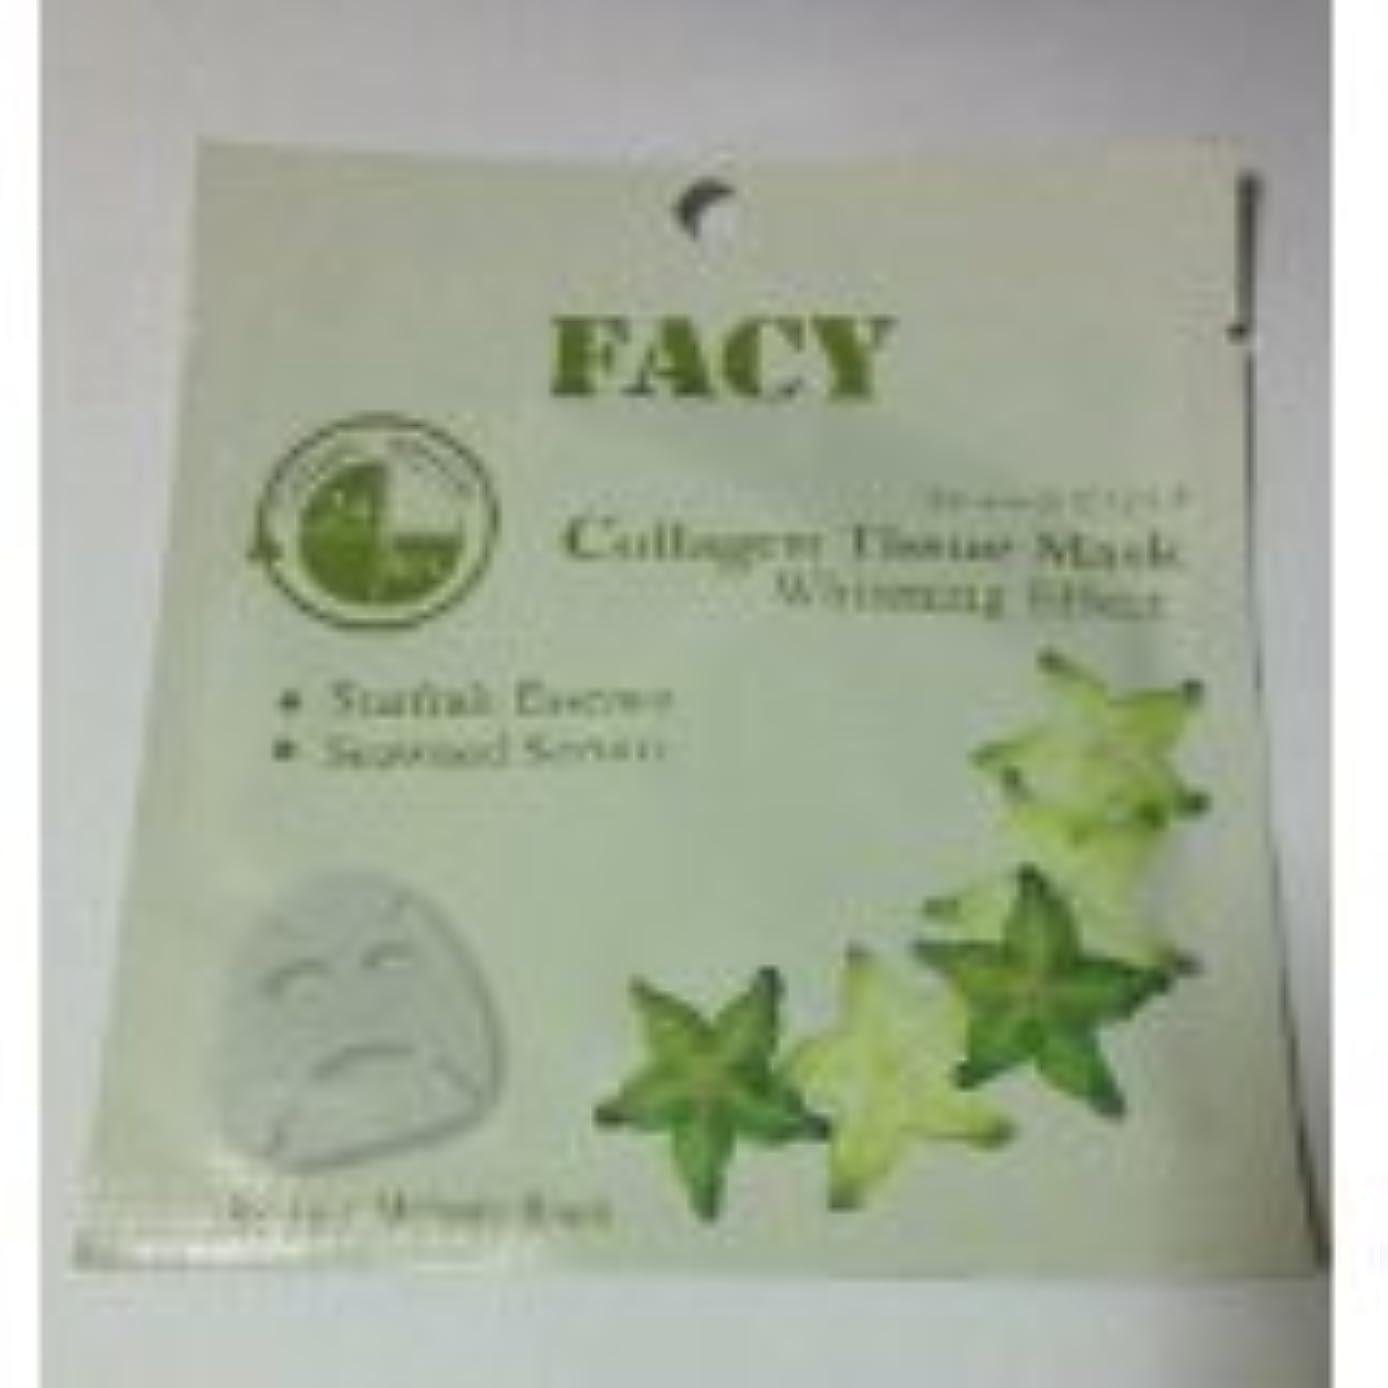 Detoxifying Facial Mask Collagen Tissue Mask Whitening Effect * 2 Packs.